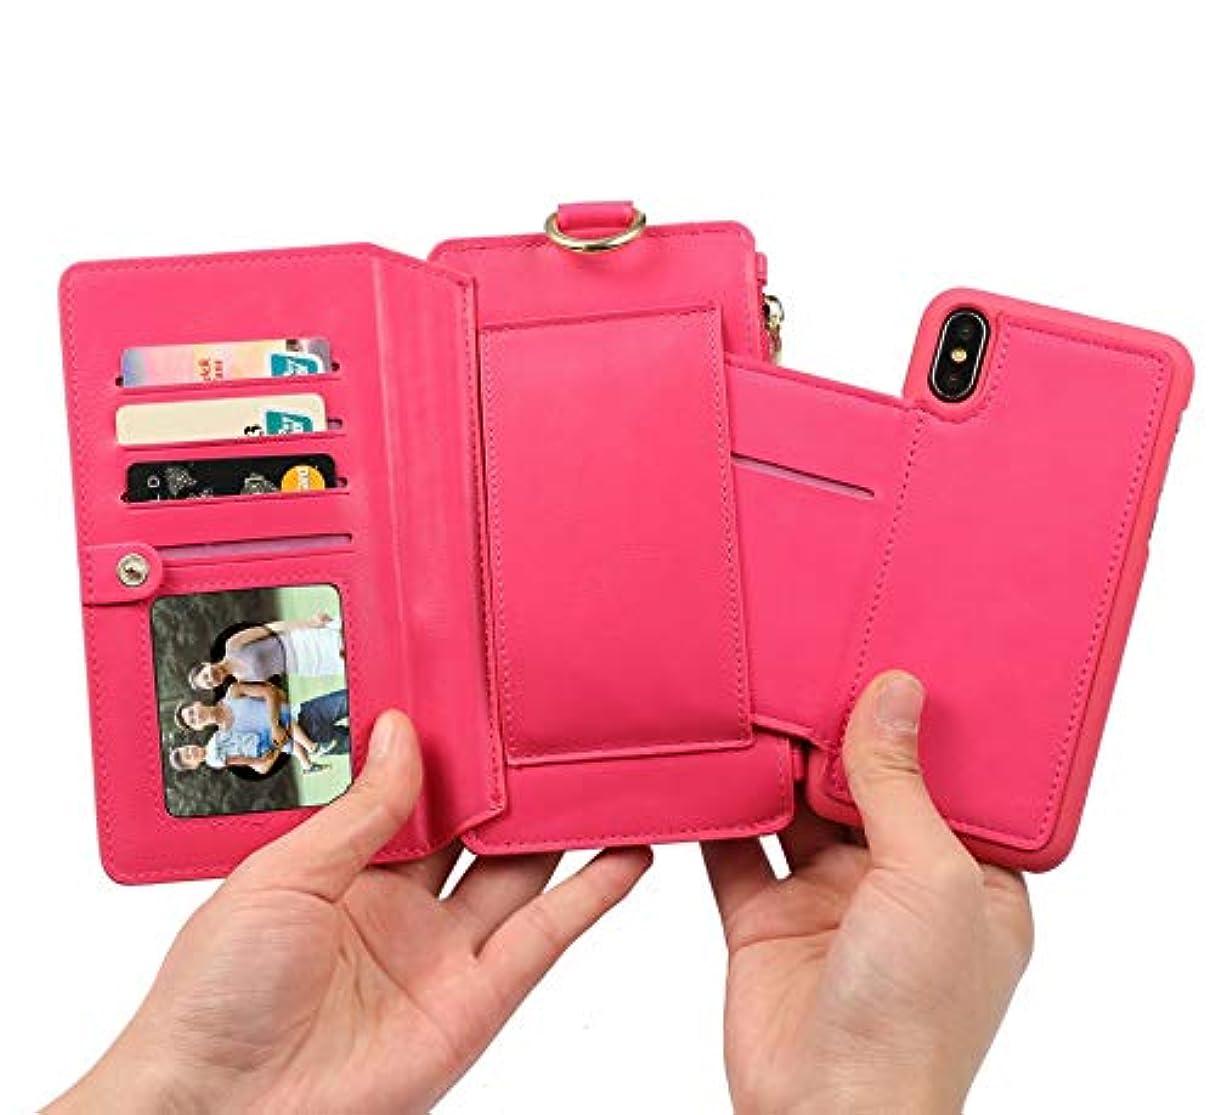 誰の本土永遠のiPhone 8 Plus パソコンExit包保護套 - 折りたたみ保護袖 - 立ちブラケット-ビジネススタイル-全身保護-内殻金属リング-12札入れ-相枠-取り外し可能な電話ケース財布 5.5インチiPhone 7 Plus...